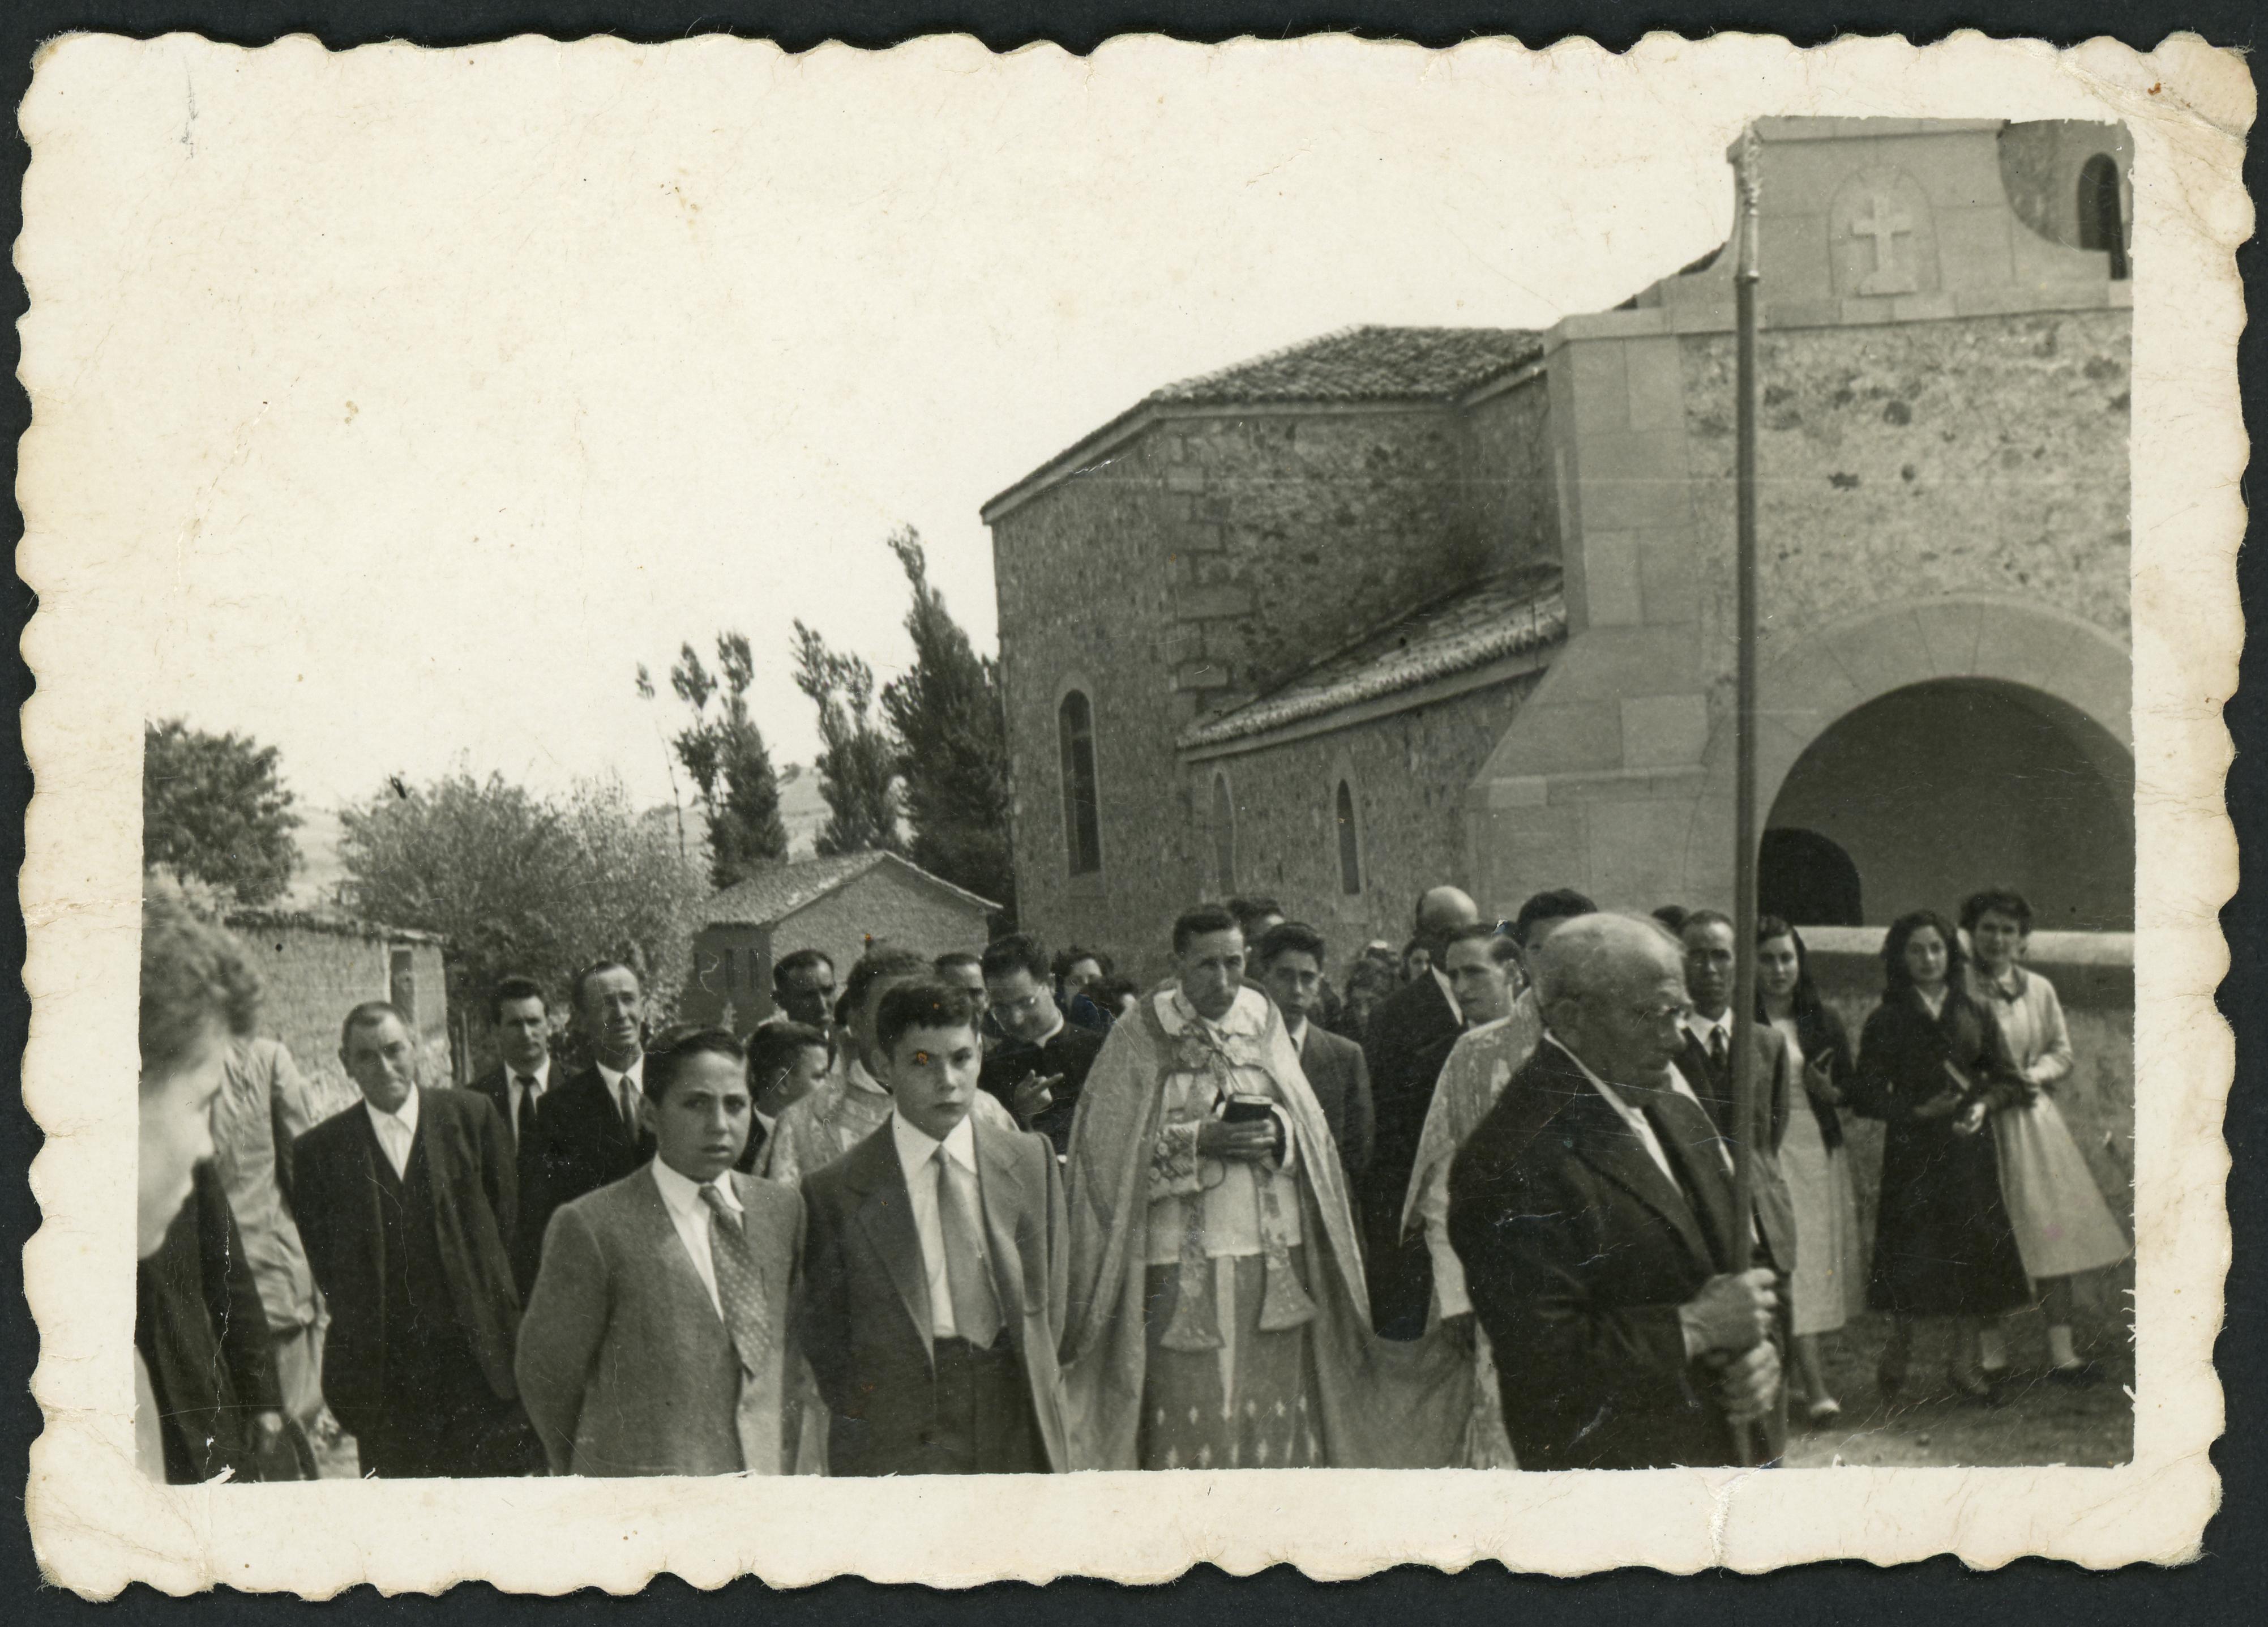 Procesión junto a la iglesia en Ambasaguas de Curueño